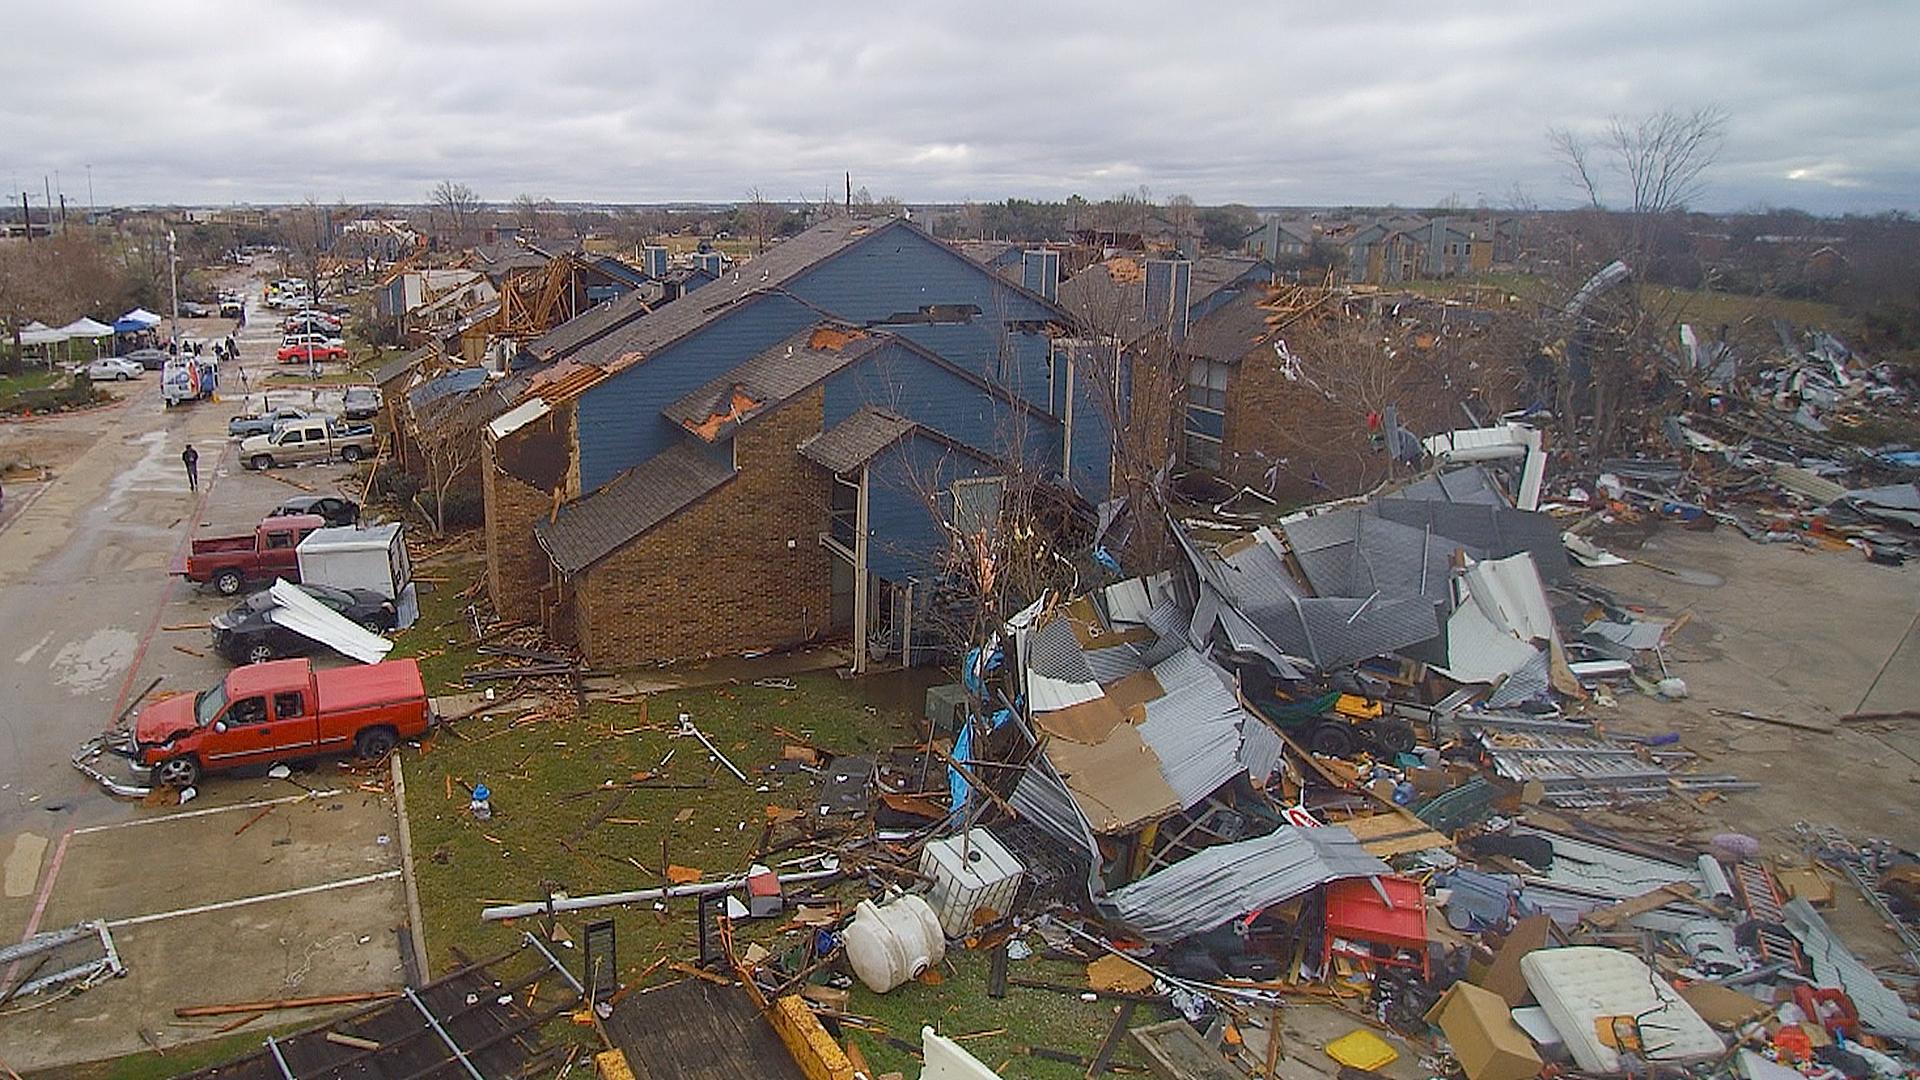 Where Is Garland Texas >> Garland Texas Devastation As Seen From The Air Nbc News